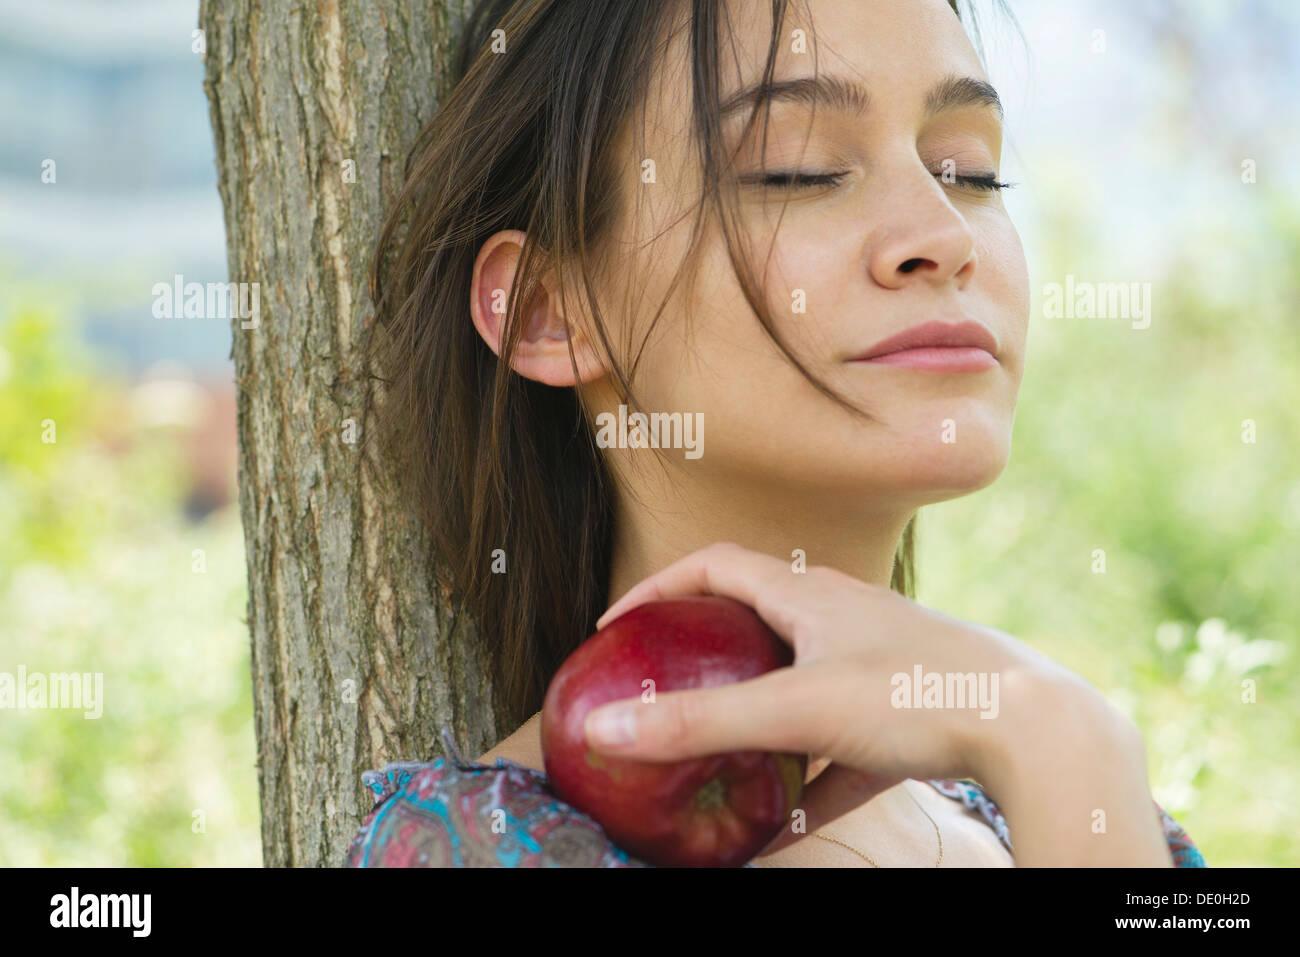 Femme de détente en plein air avec les yeux fermés, holding apple Photo Stock